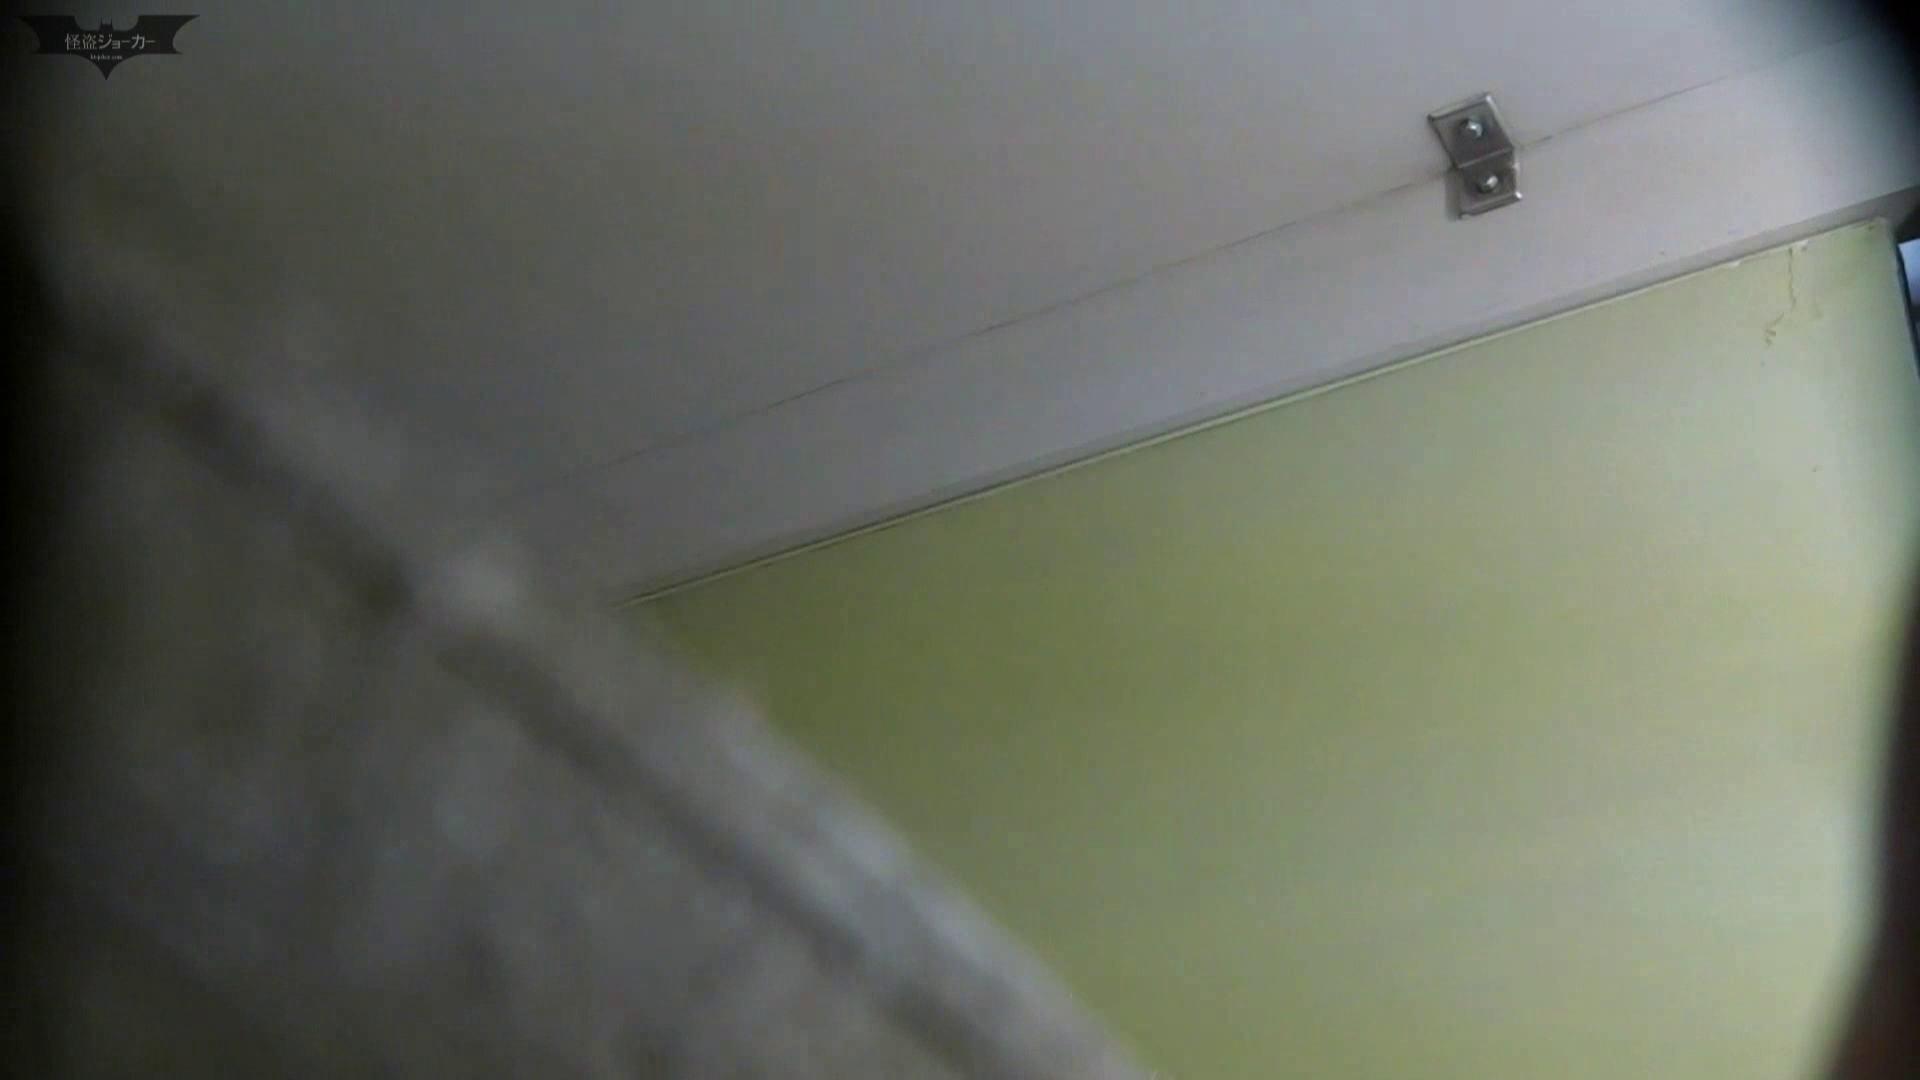 【潜入トイレ盗撮】洗面所特攻隊 vol.70 極上品の連続、歌いながら美女入室 盗撮 おめこ無修正画像 63pic 51